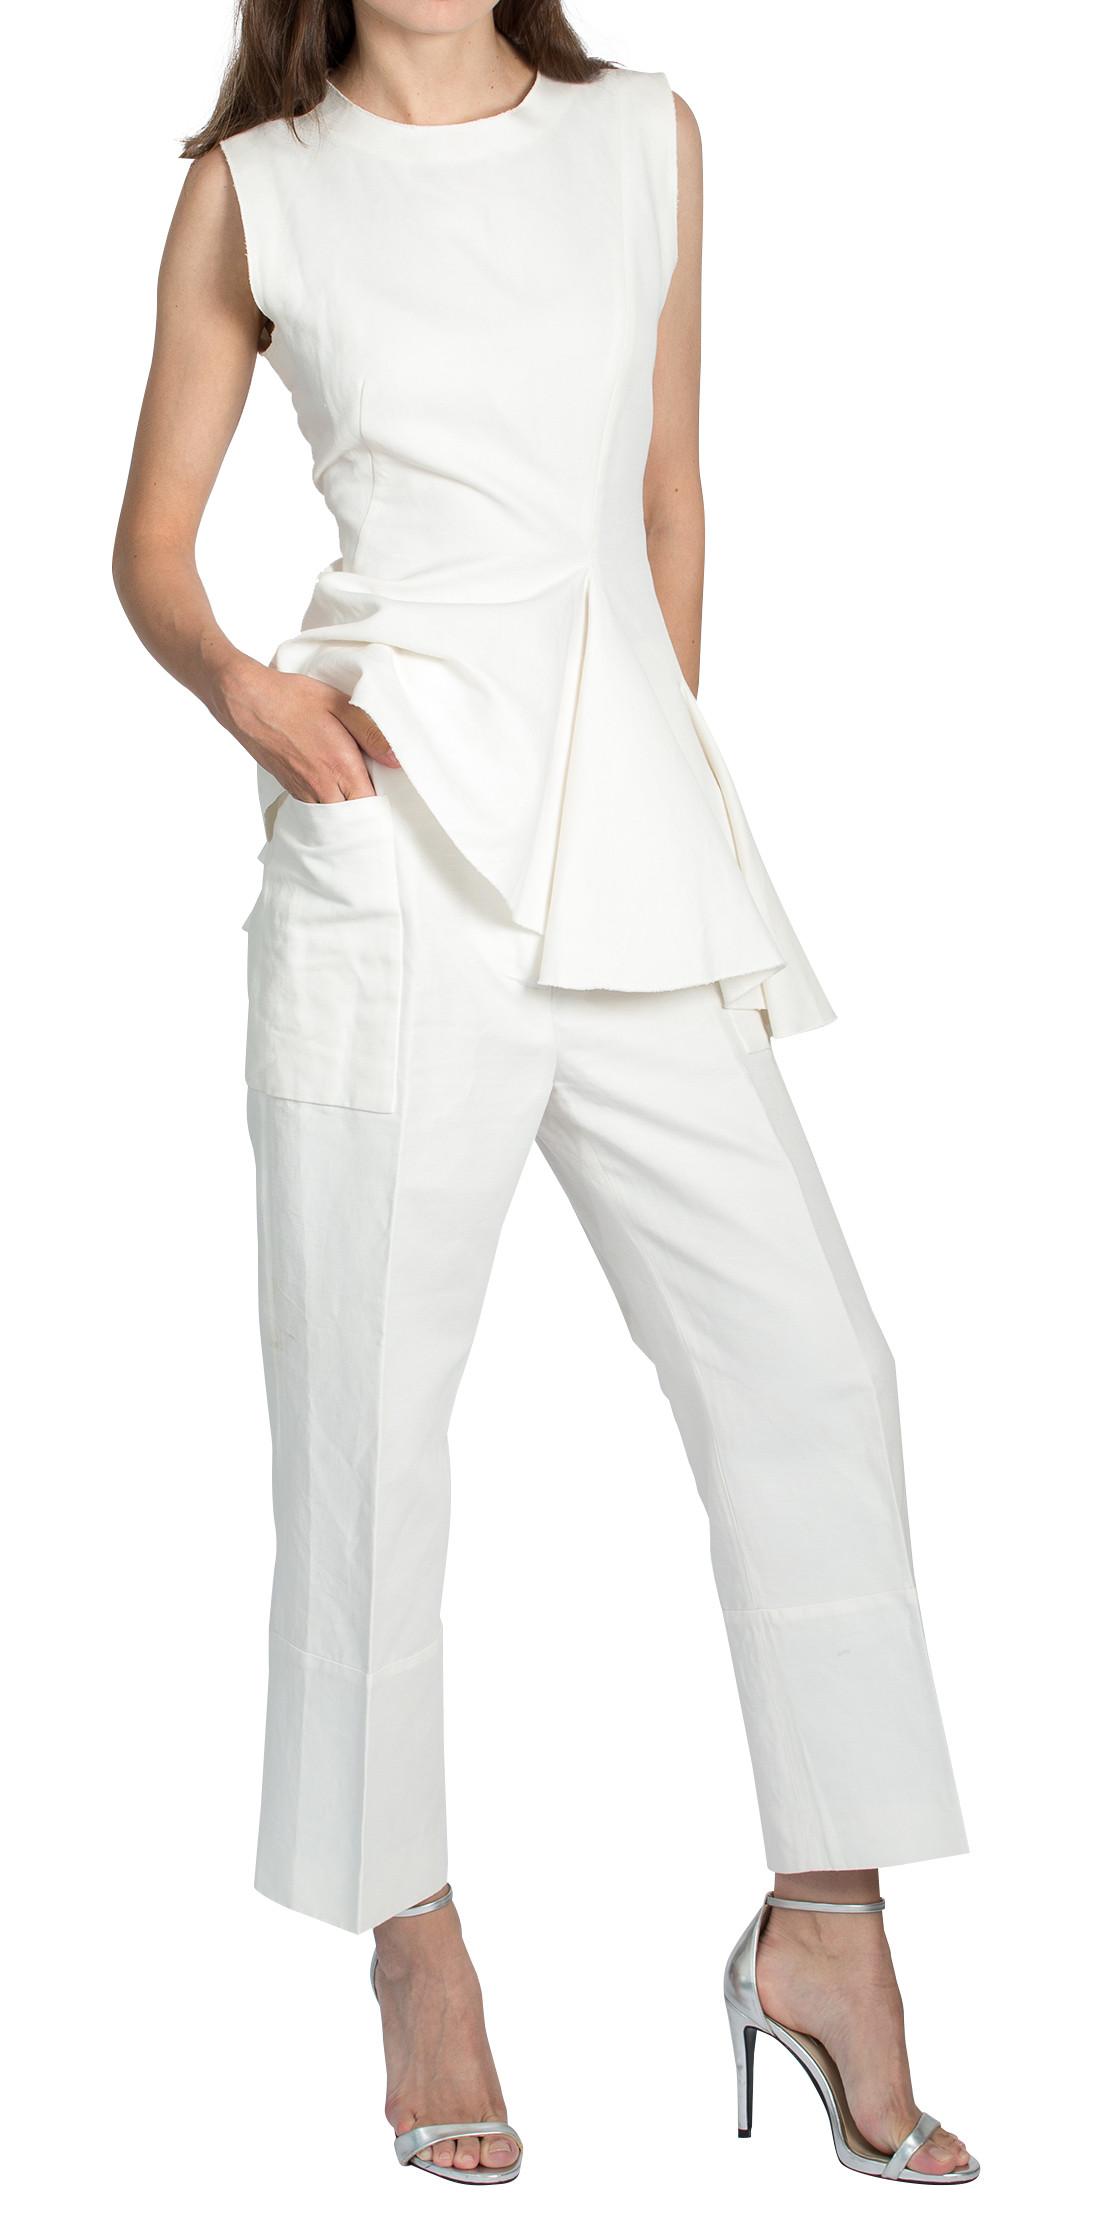 Marni Sleeveless Tops & Trouser